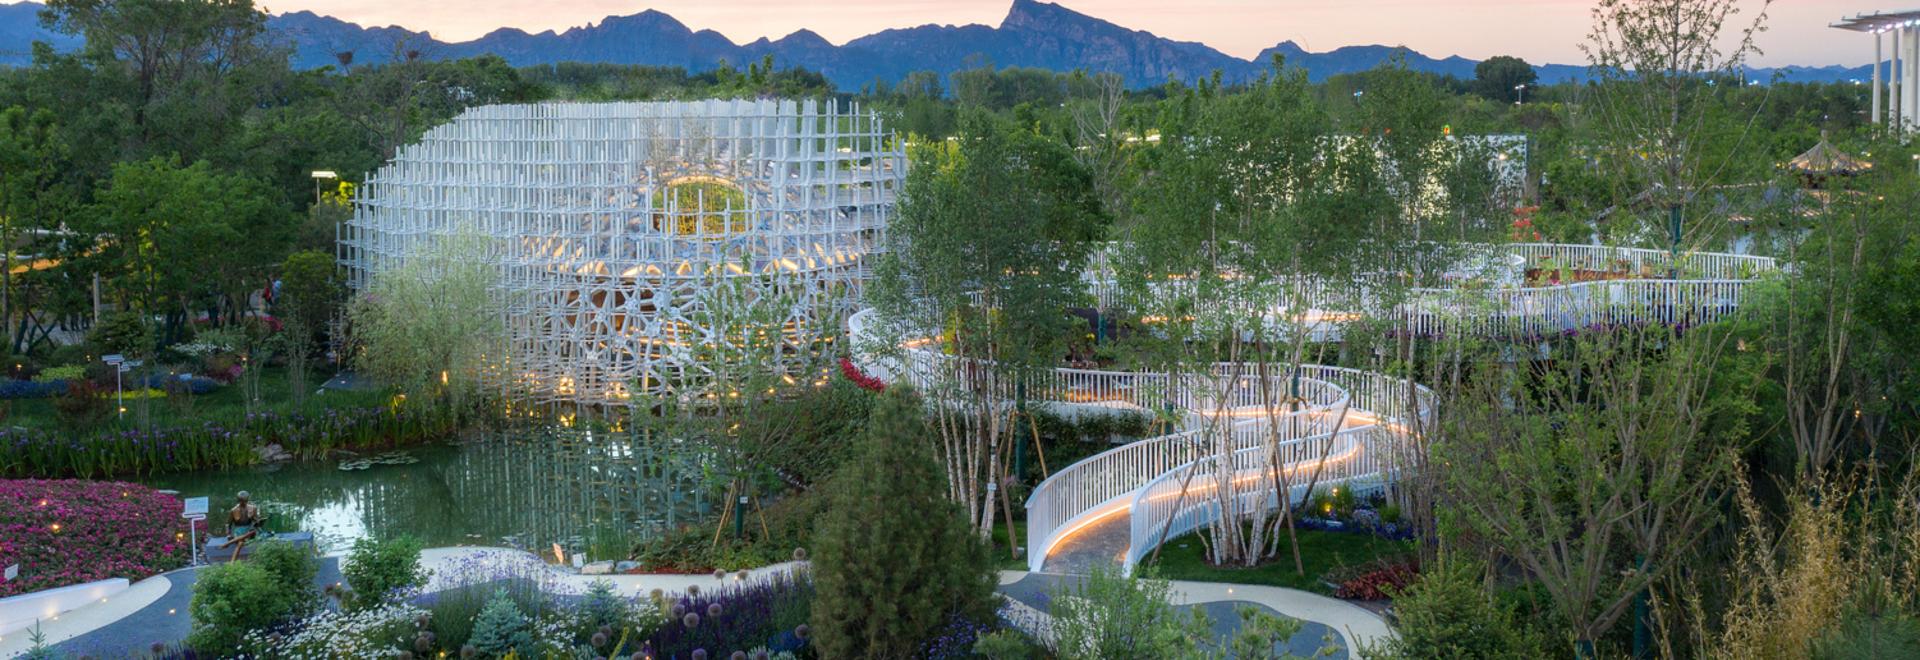 Jardín de Shanghái, Exposición Hortícola de Pekín 2019 / Arcplus Architectural Decoration & Landscape Design Research Institute